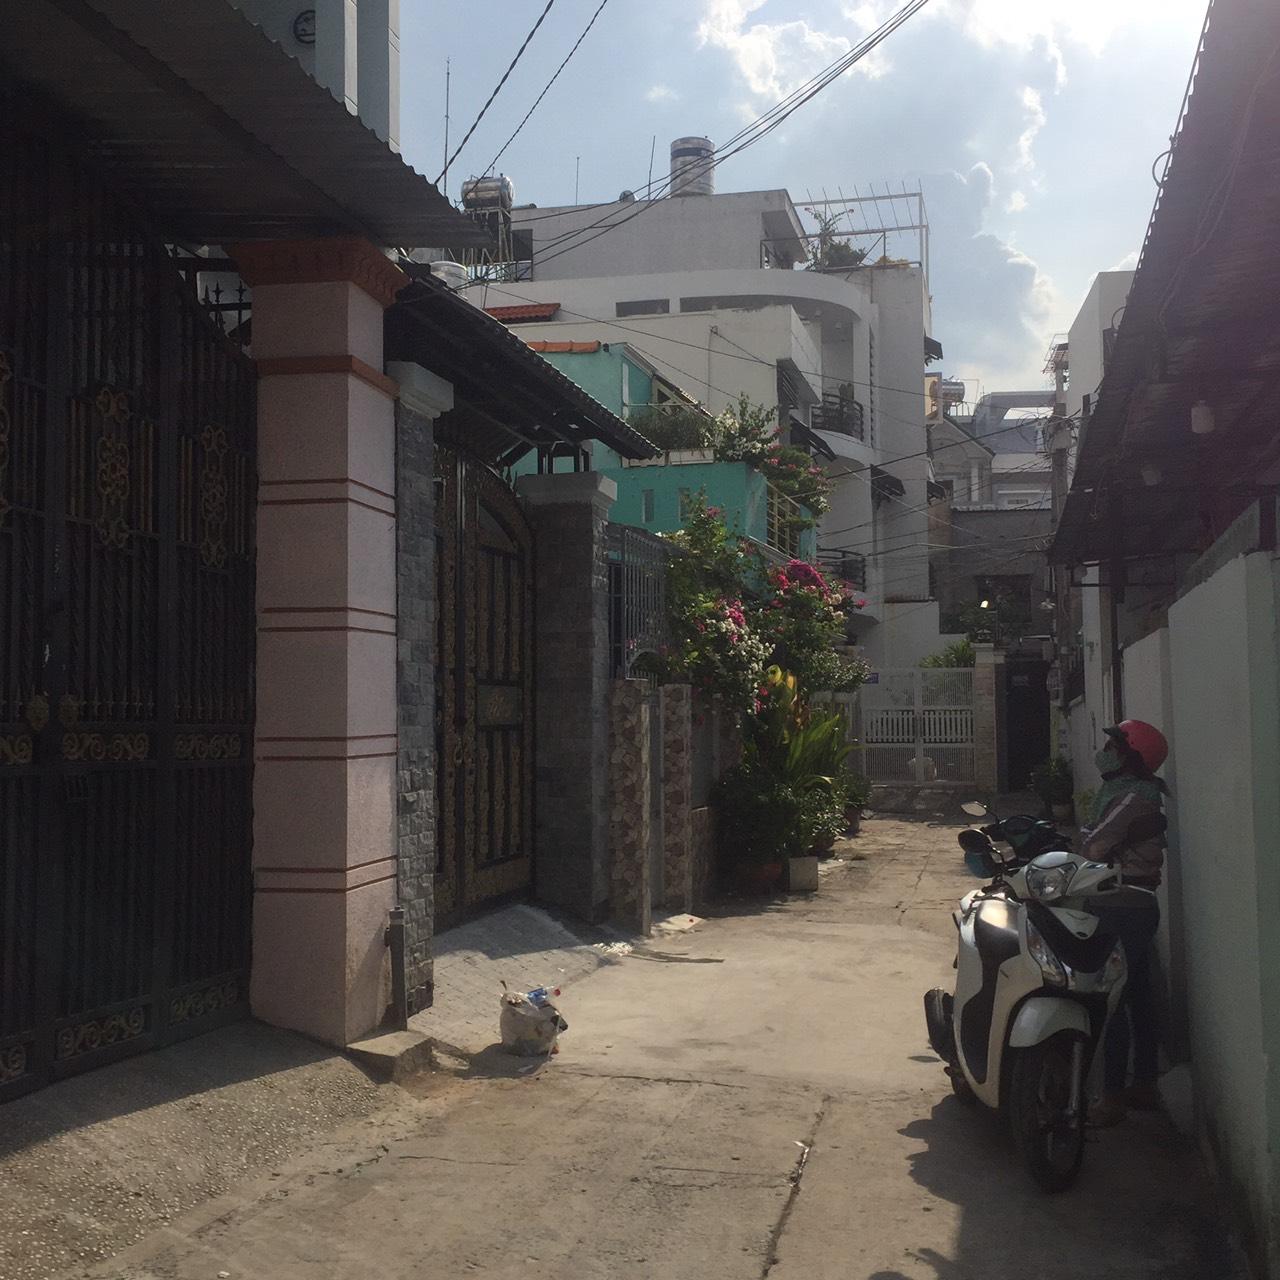 Bán nhà hẻm 989 Lê Đức Thọ phường 16 quận Gò Vấp. DT 4x16,5m